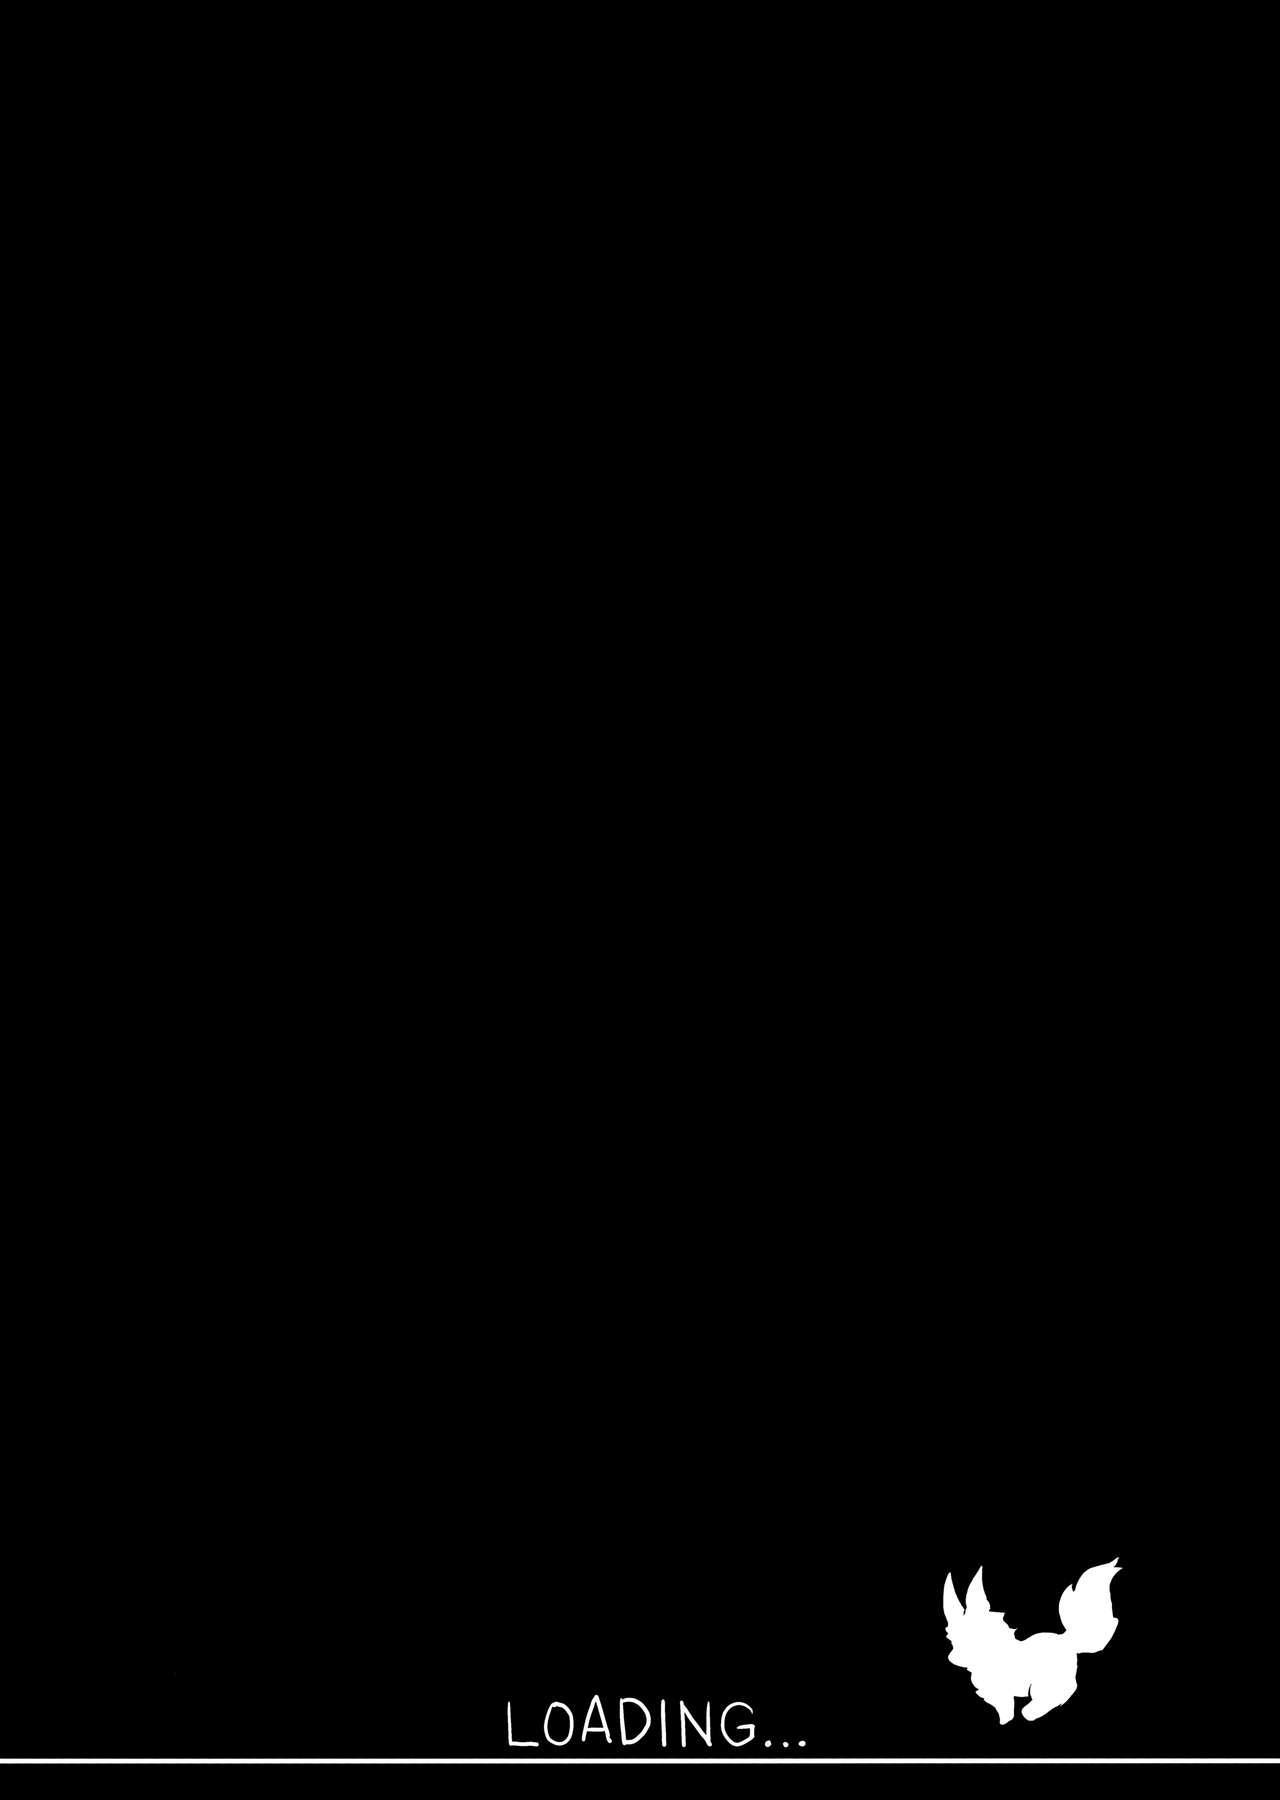 Okita Alter no Tanezuke Shuukai 15